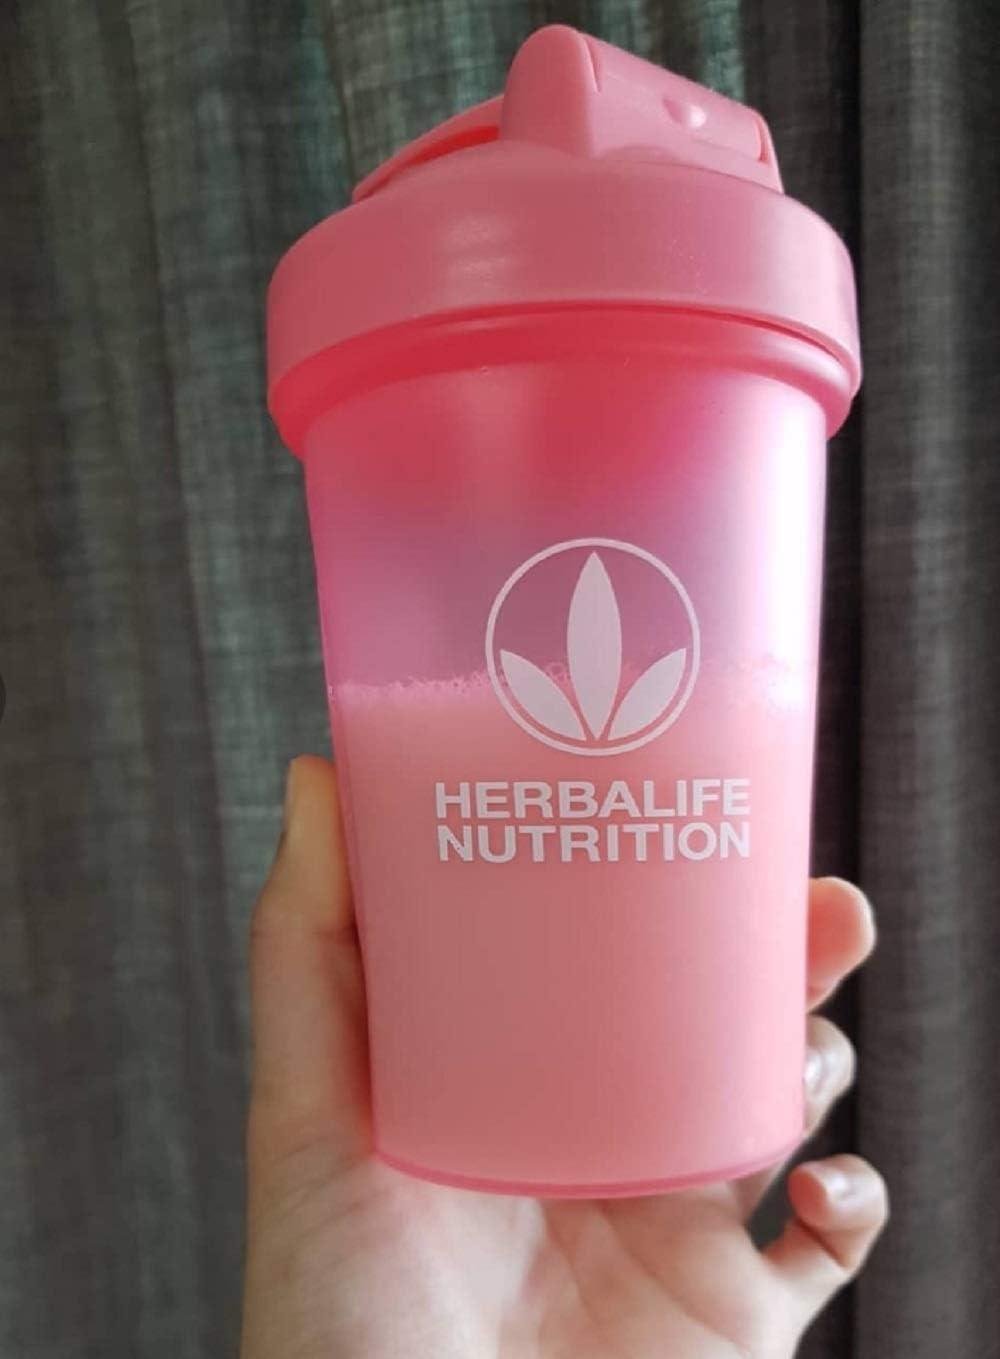 Herbalife - Botella para coctelera (400 ml), color rosa y herbalife, 1 paquete: Amazon.es: Bricolaje y herramientas